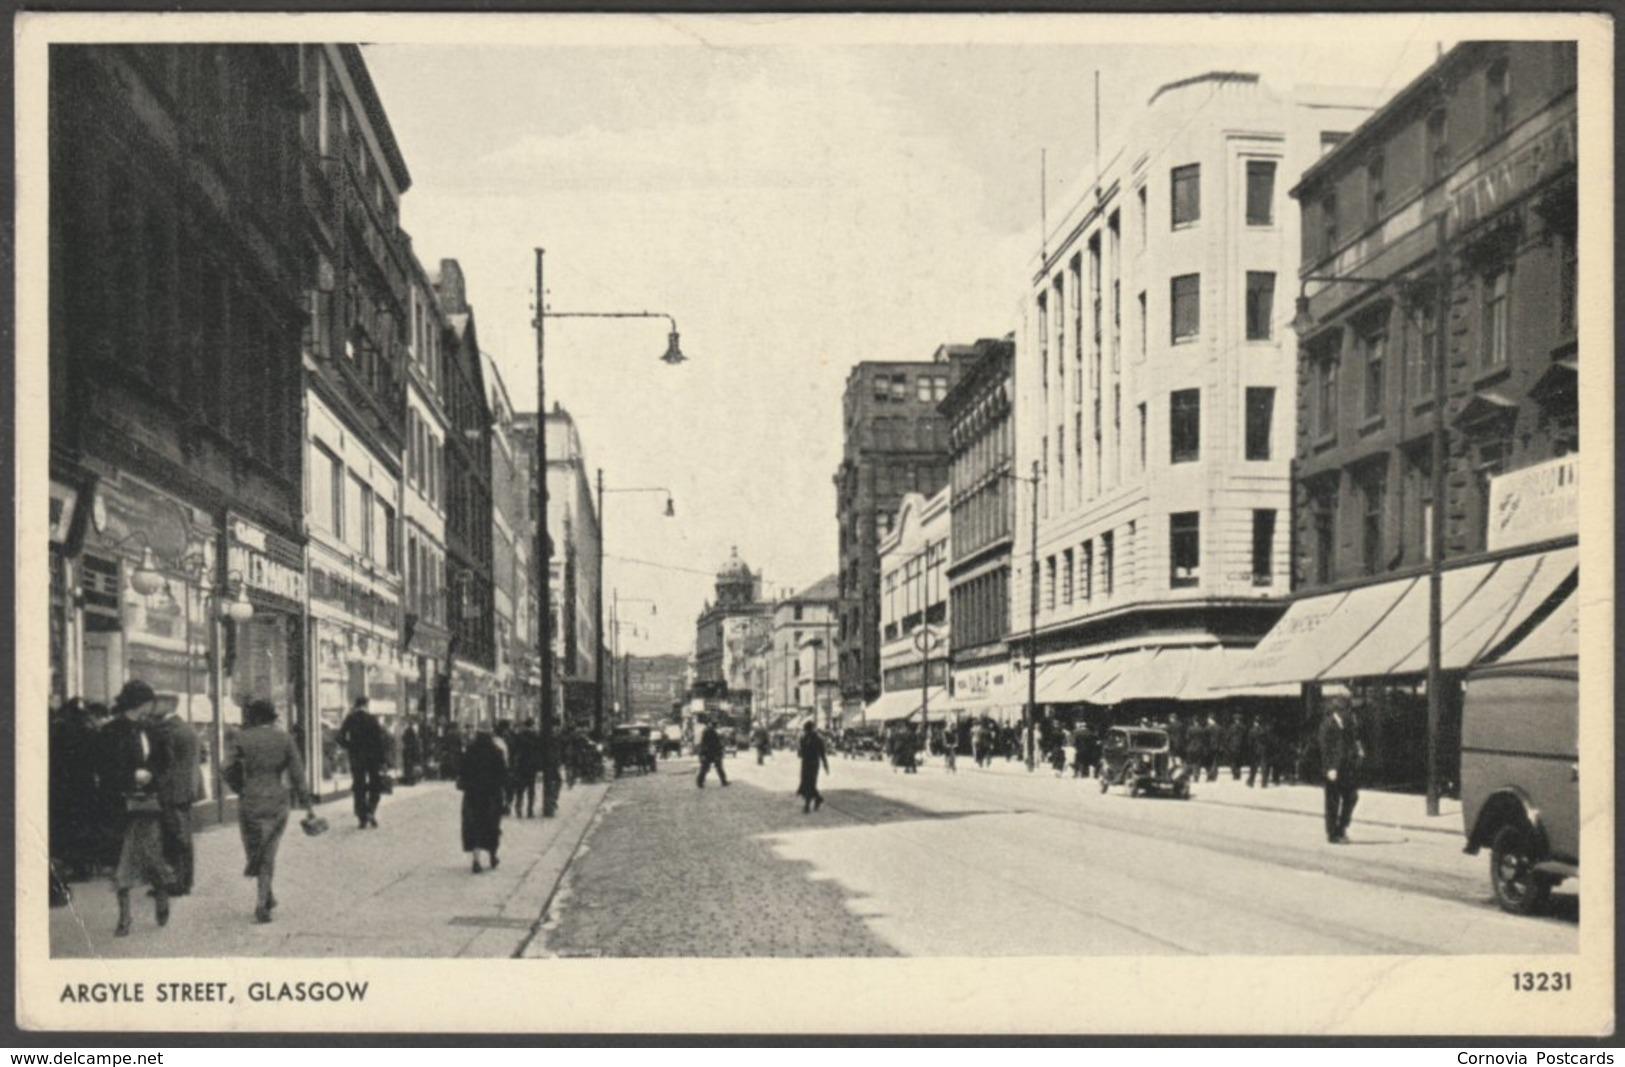 Argyle Street, Glasgow, 1955 - Salmon Postcard - Lanarkshire / Glasgow